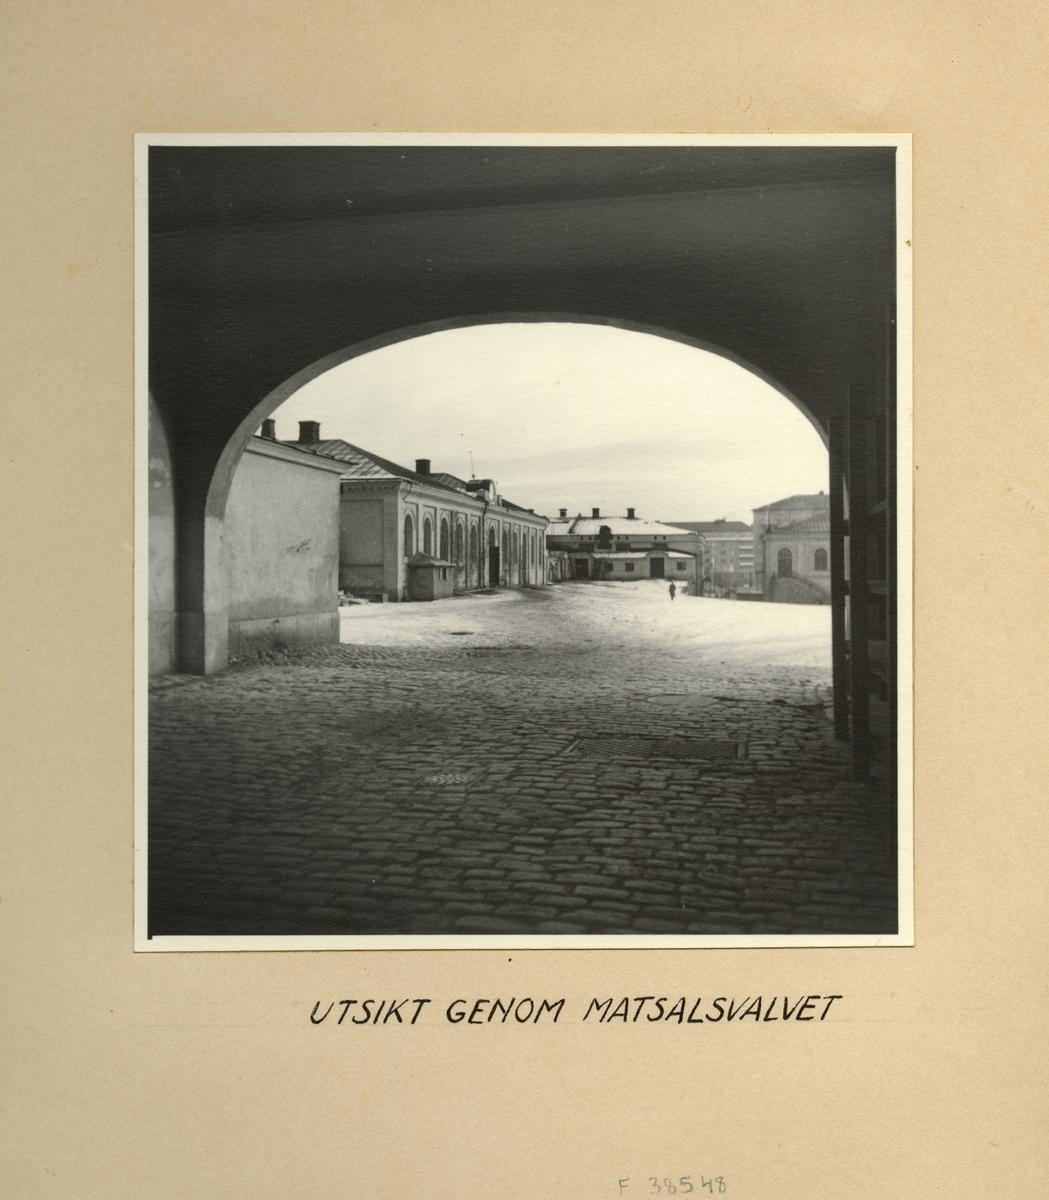 Utsikt genom matsalsvalvet, Svea artilleriregemente A 1, våren 1947.